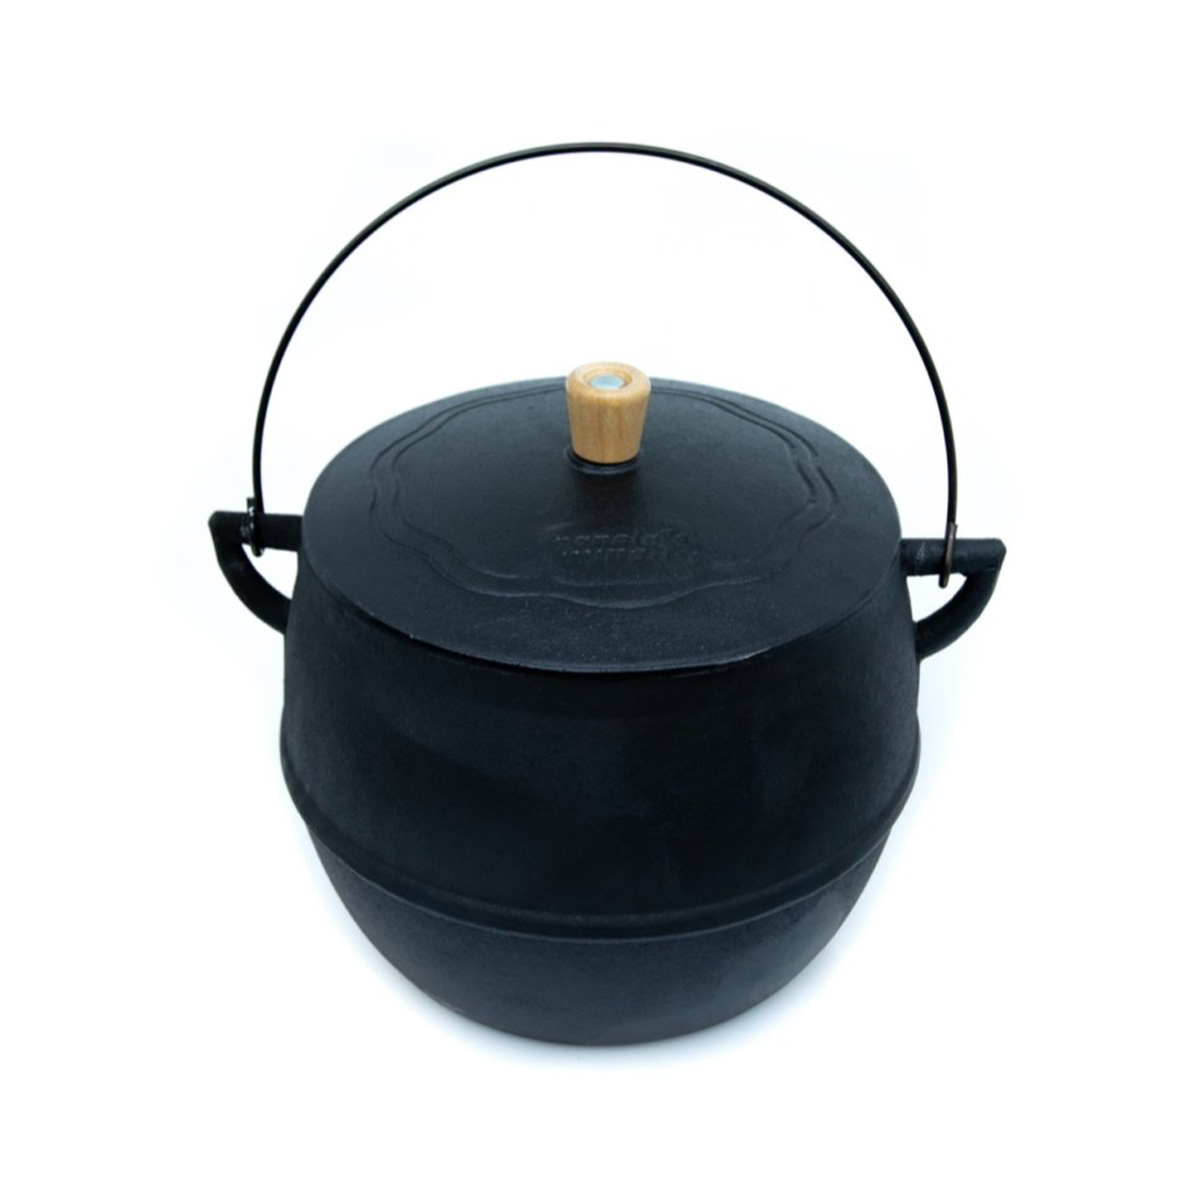 Caldeirão Bojudo 6 litros 21 cm diametro  - Panela de Ferro Fundido